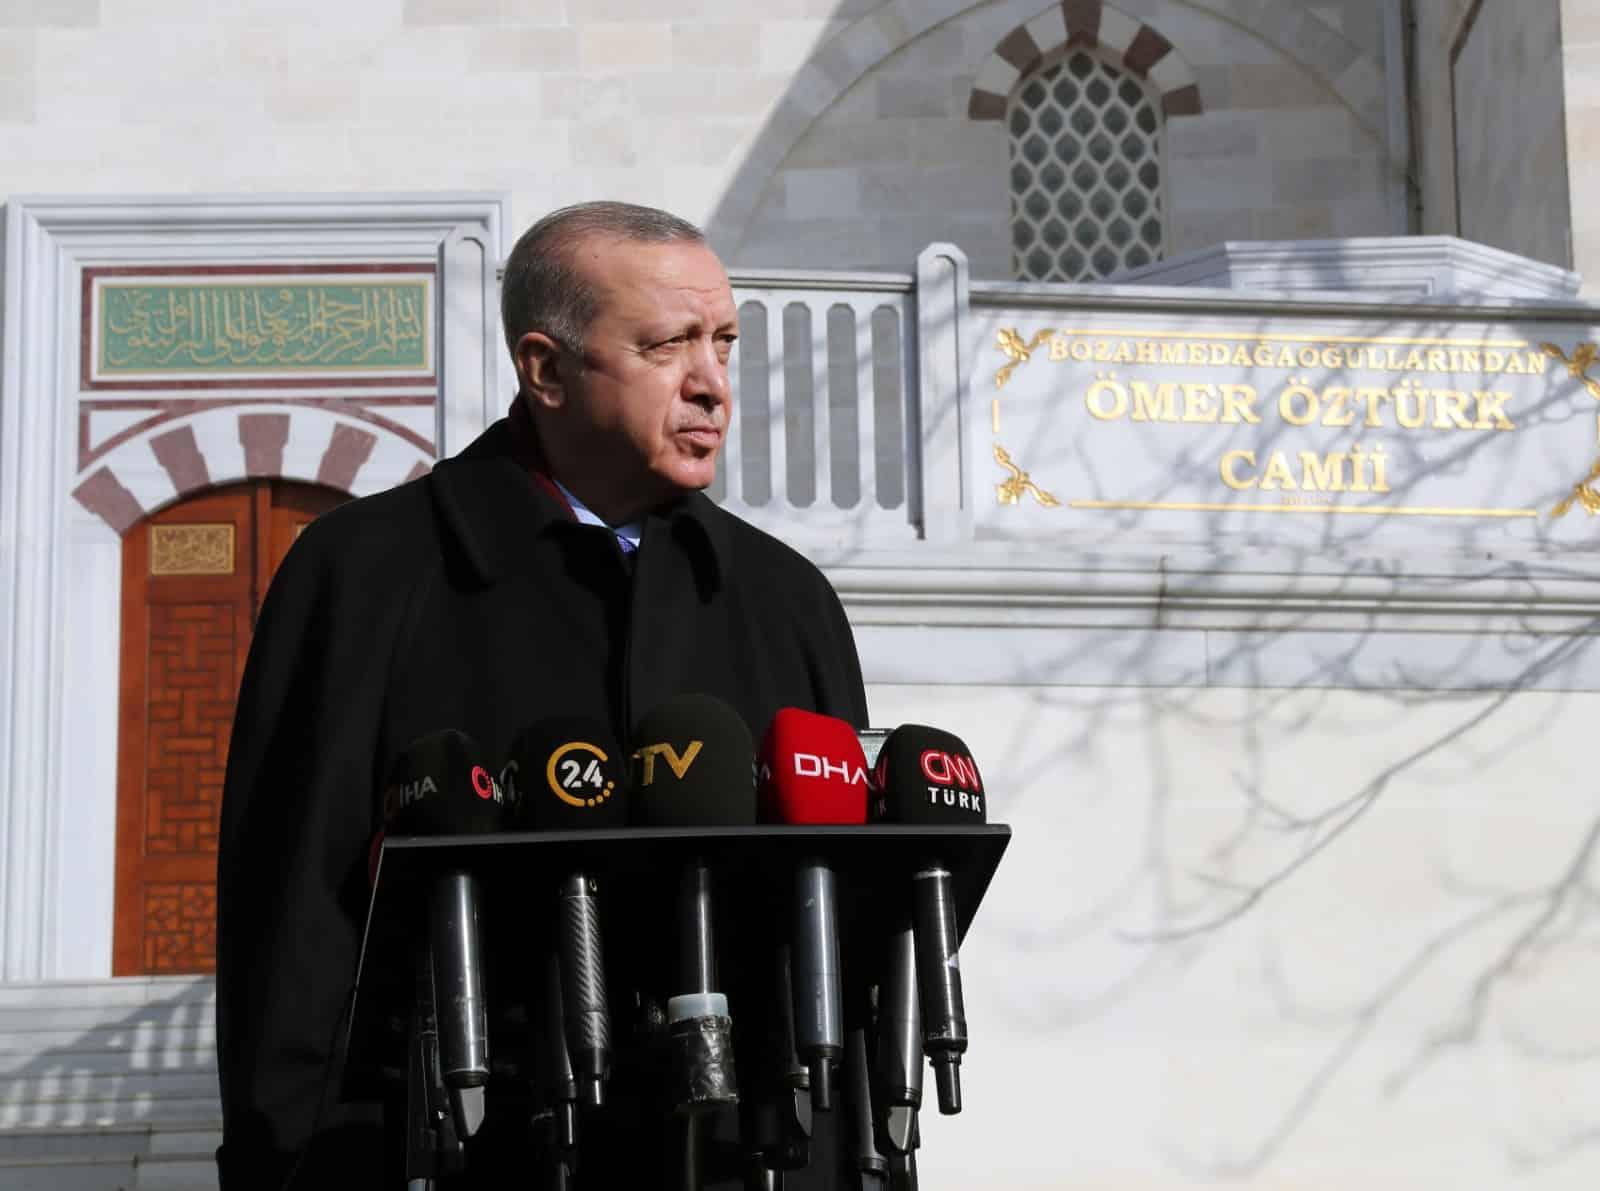 Το νέο Colpo grosso του Ερντογάν: Επαναφέρει το θέμα Ανθρώπινα δικαιώματα για να… πάρει συγχωροχάρτι από Ευρώπη και ΗΠΑ και να επανεκλεγεί